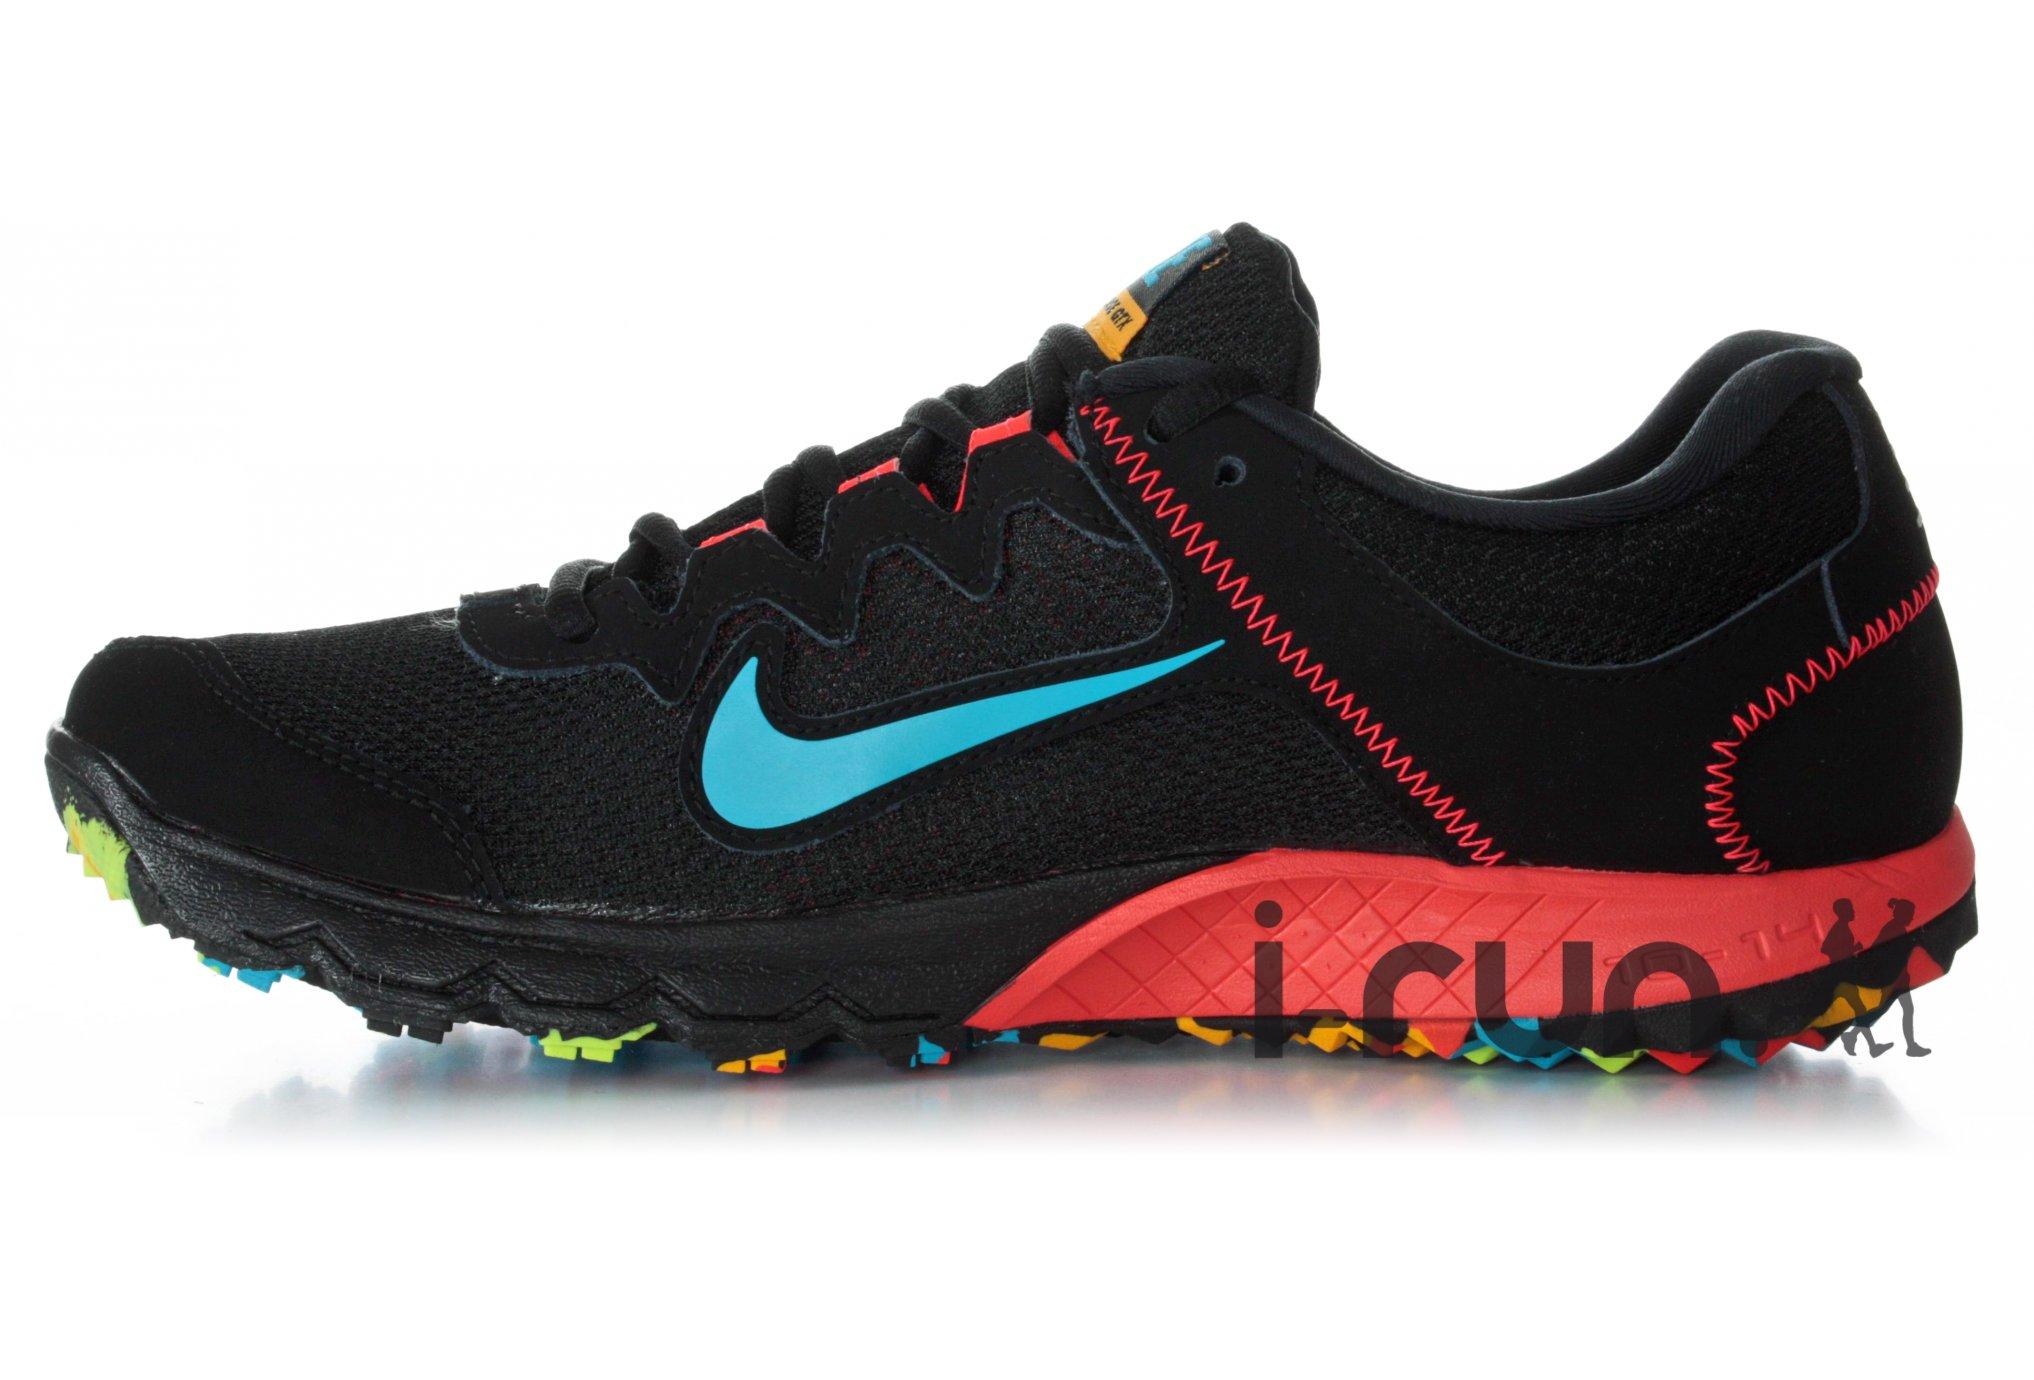 Chaussure Tex Gore Trail Qhdsxrtcb Nike qpGSMVzU